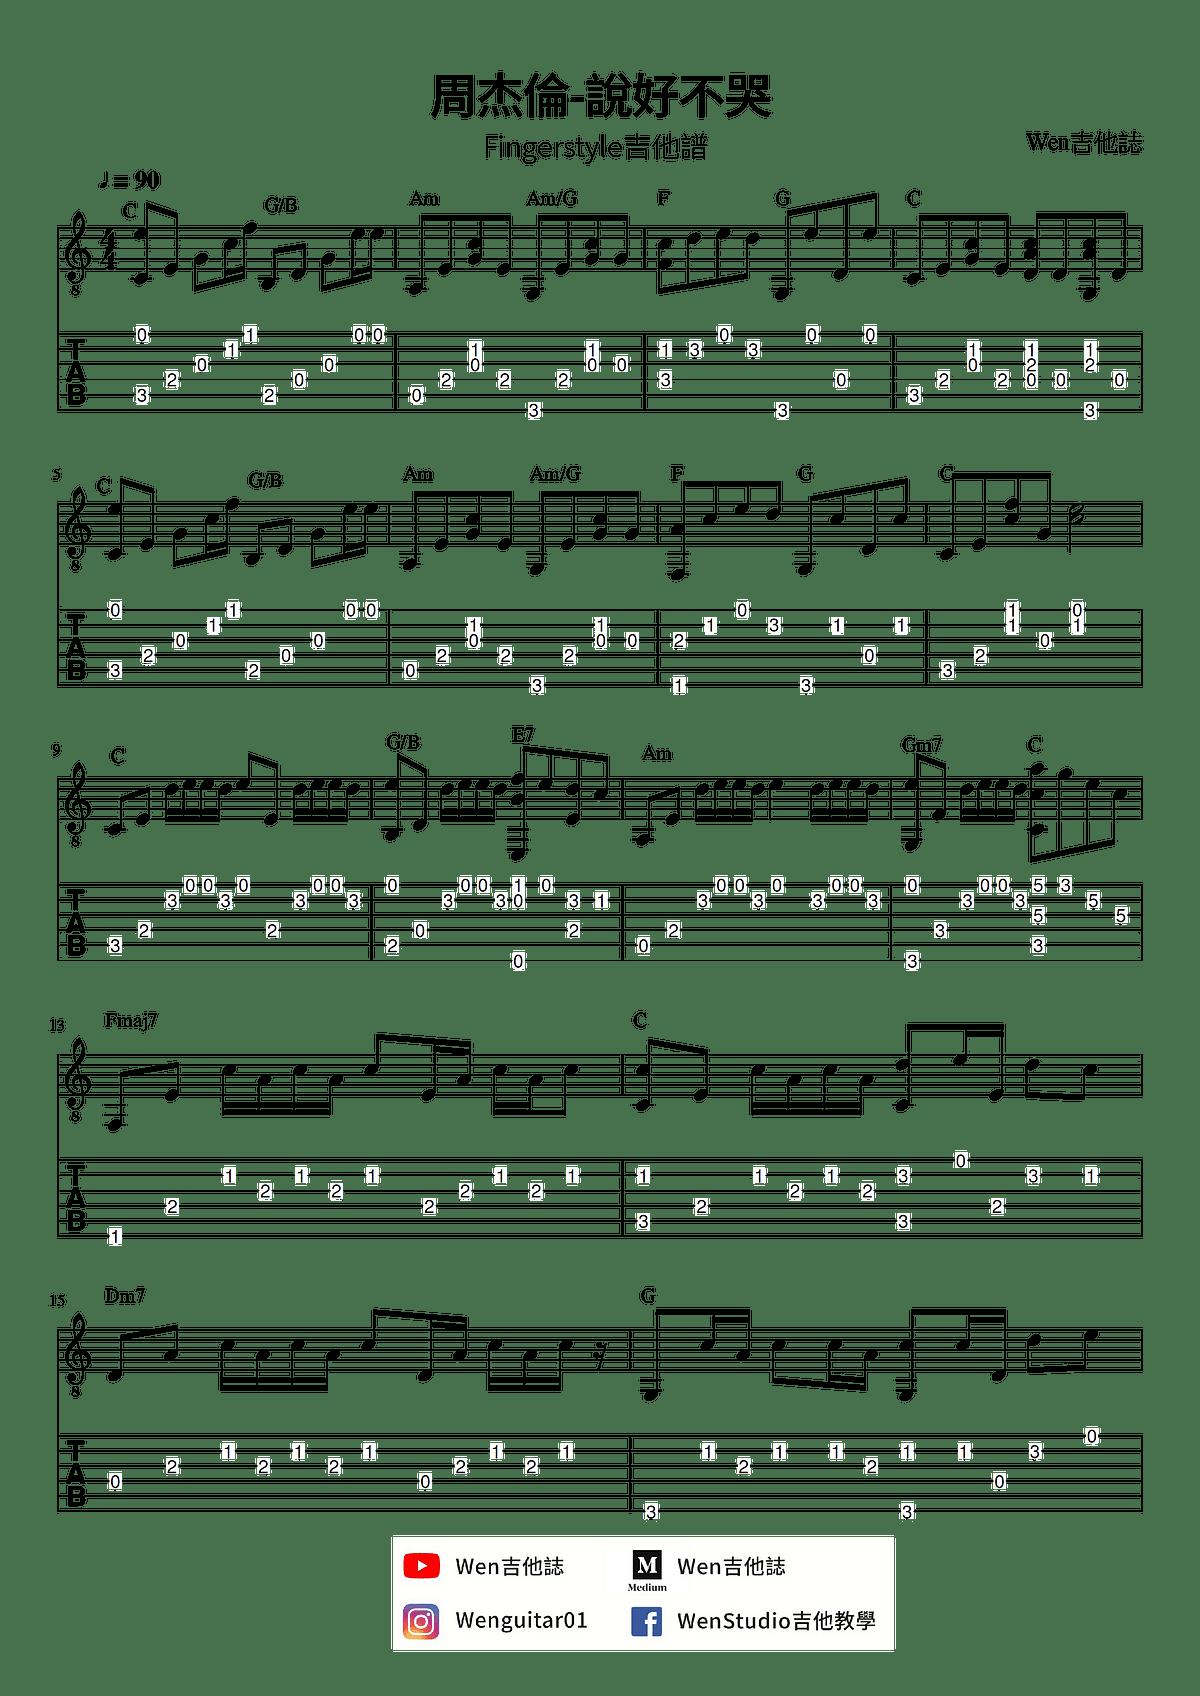 [吉他譜]周杰倫-說好不哭(fingerstyle). 周式抒情搖滾。真的非常適合拿來改編成演奏曲呢! | by Wen | Wen吉他誌|幫助 ...